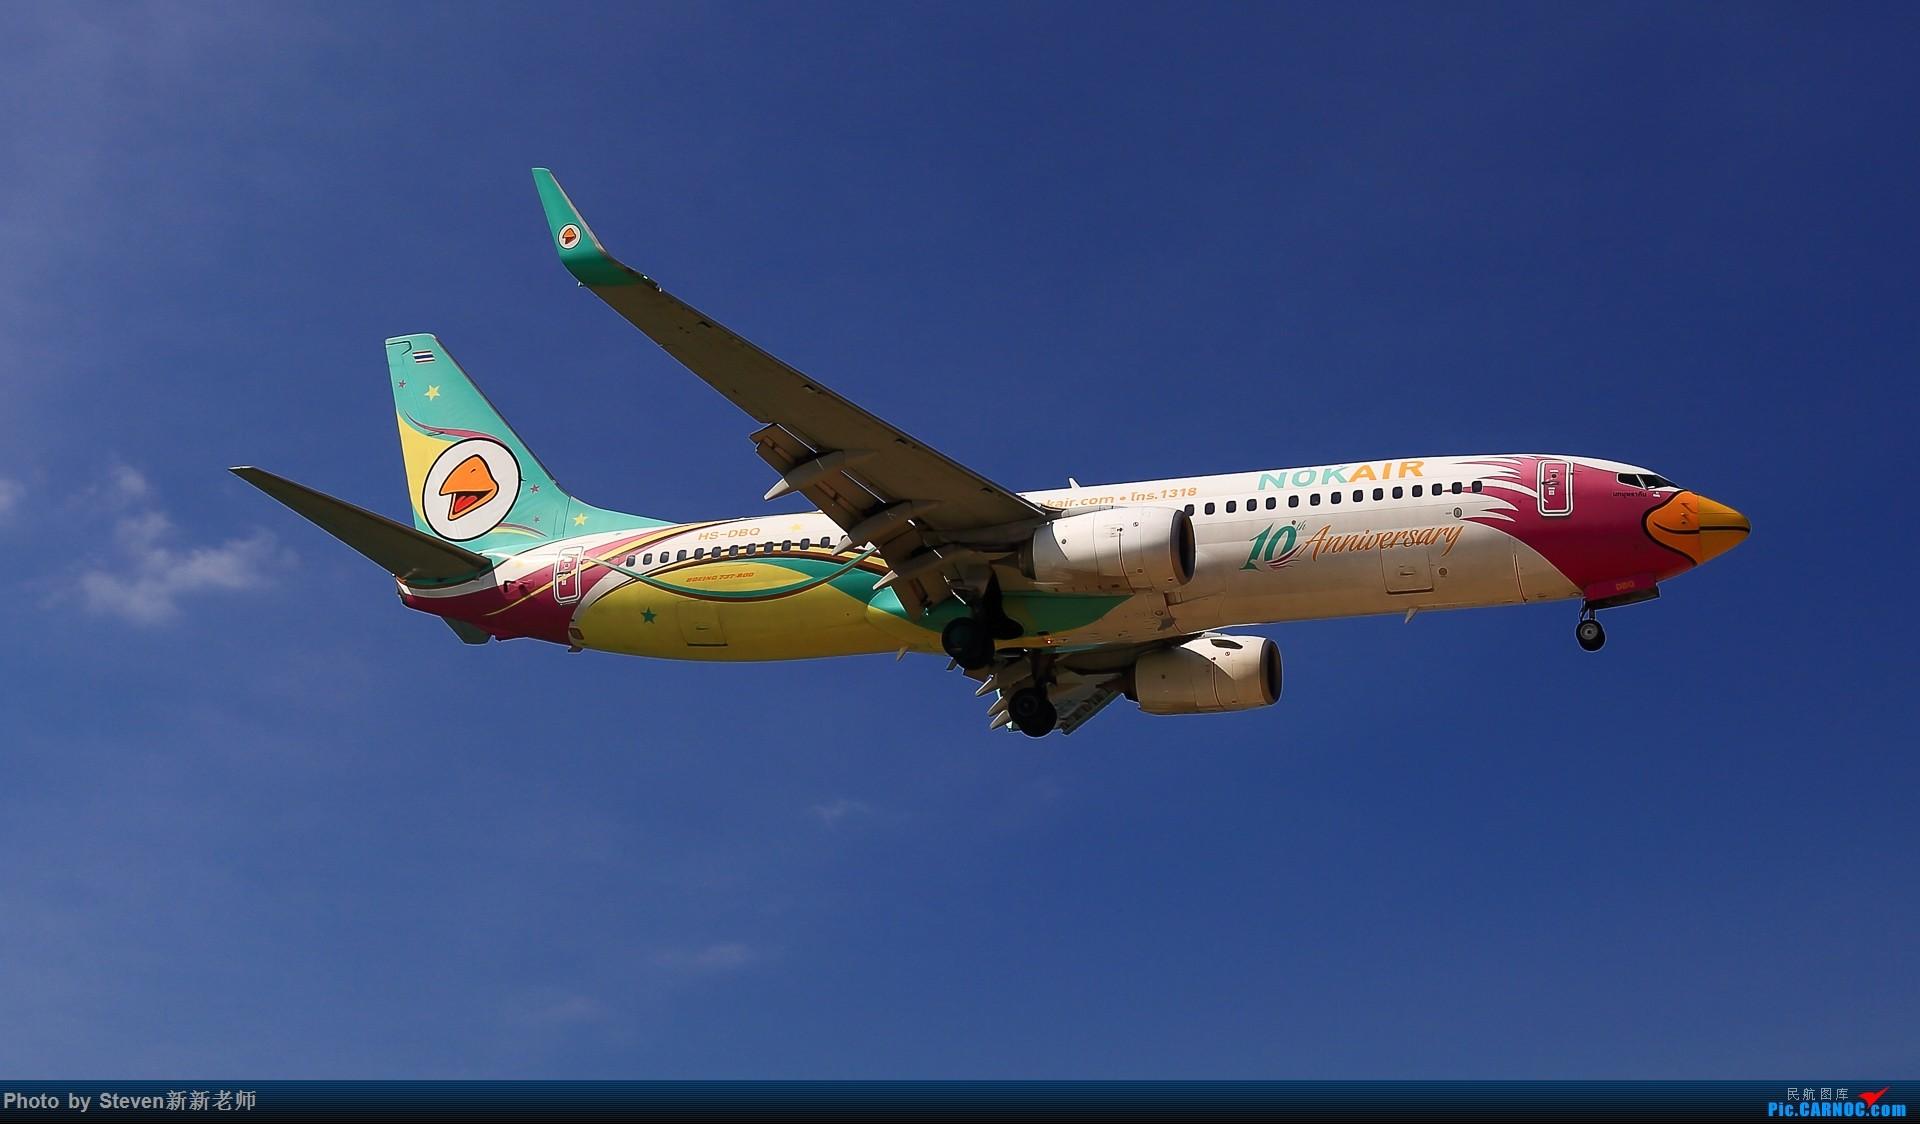 """Re:[原创]亚洲""""圣马丁岛""""—普吉国际机场拍机 BOEING 737-800 HS-DBQ 泰国普吉机场"""